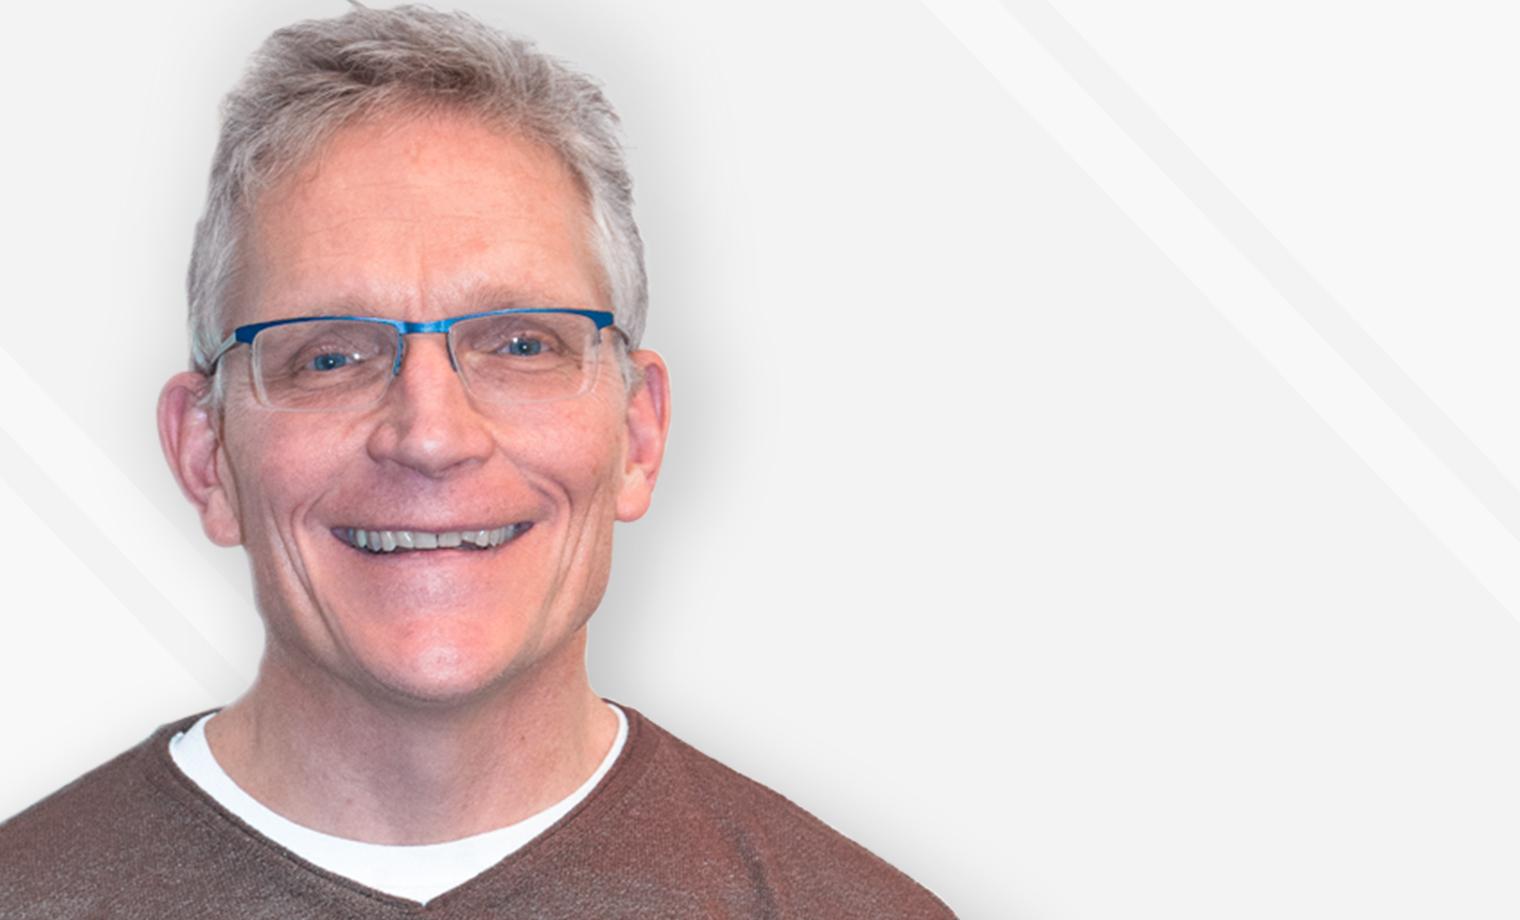 Bill Barsanti, Senior Account Manager at Blue Flame Thinking